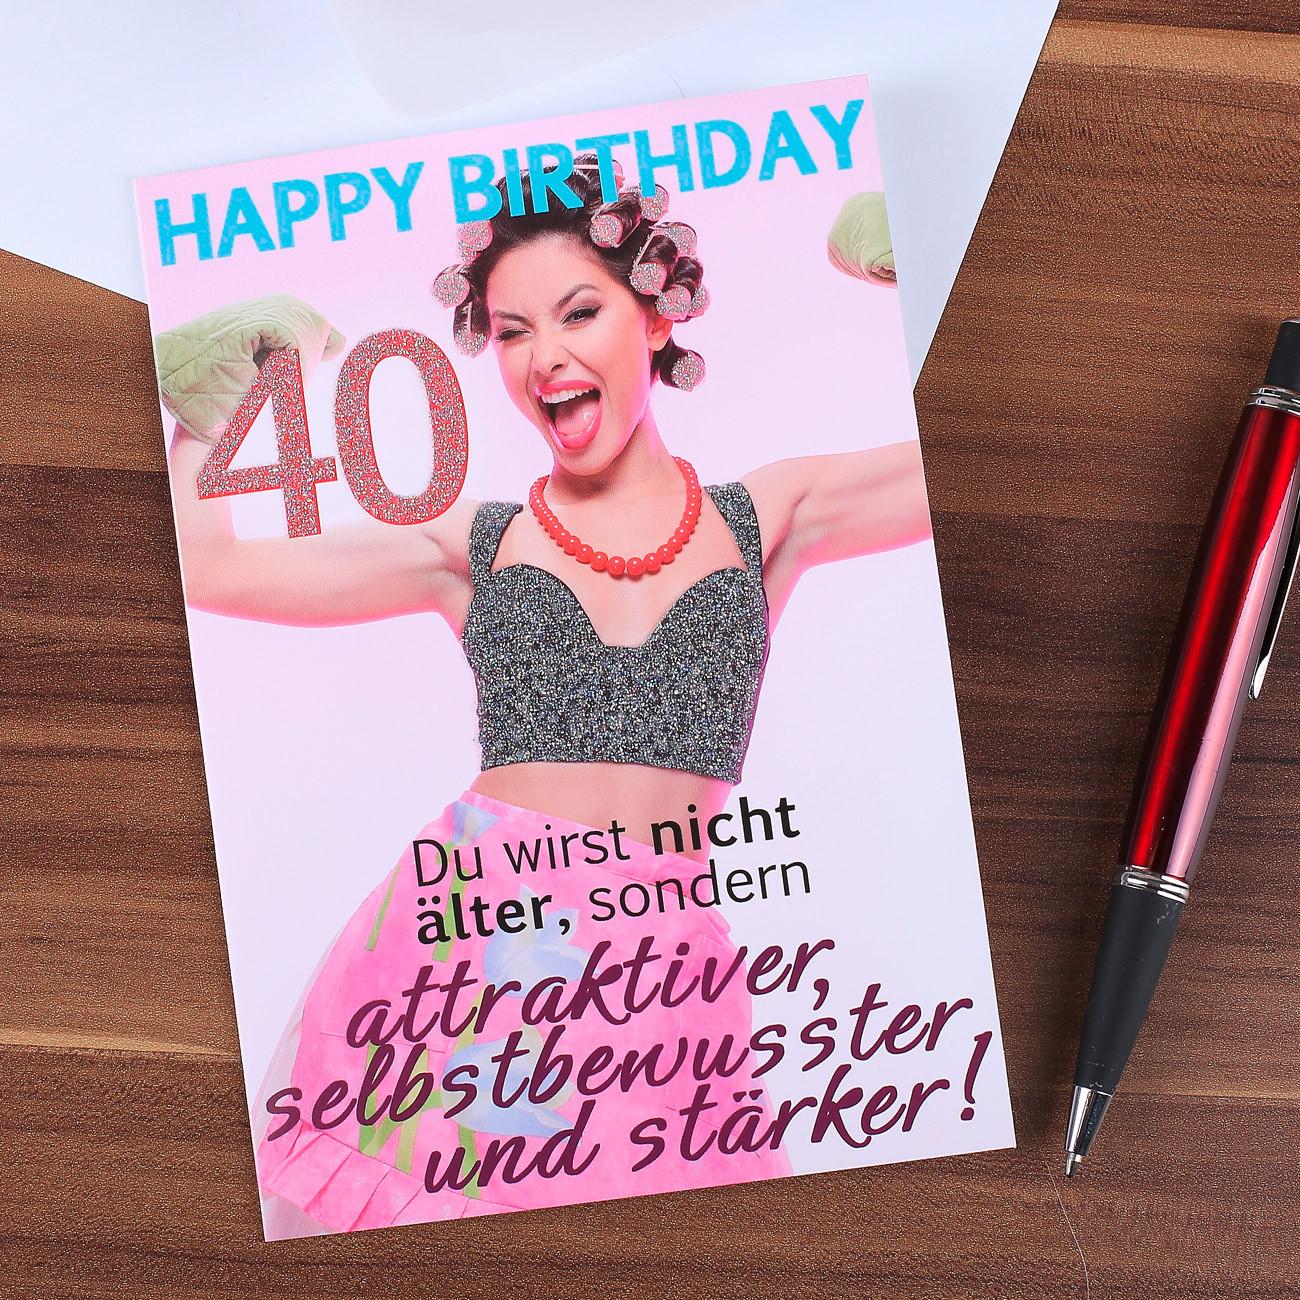 Geburtstagswünsche Zum 40 Frau  Komma³